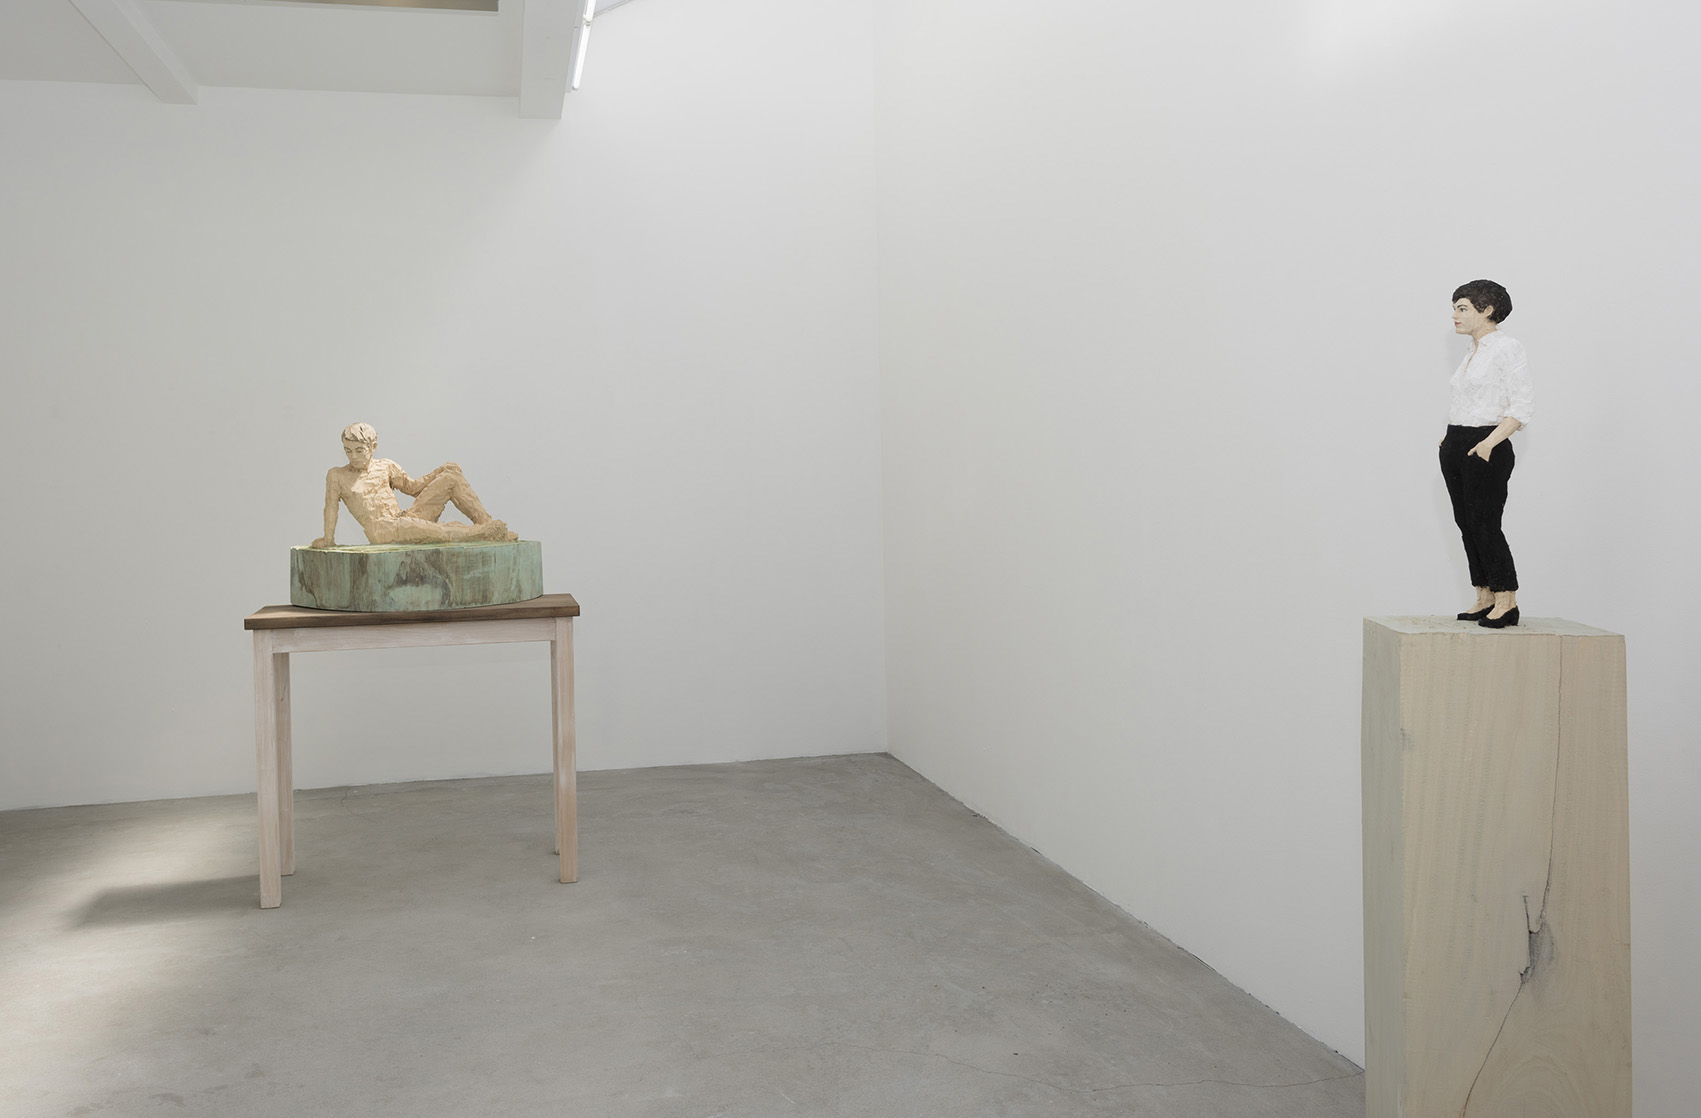 Akinci presenteert nieuwe beelden van Stephan Balkenhol